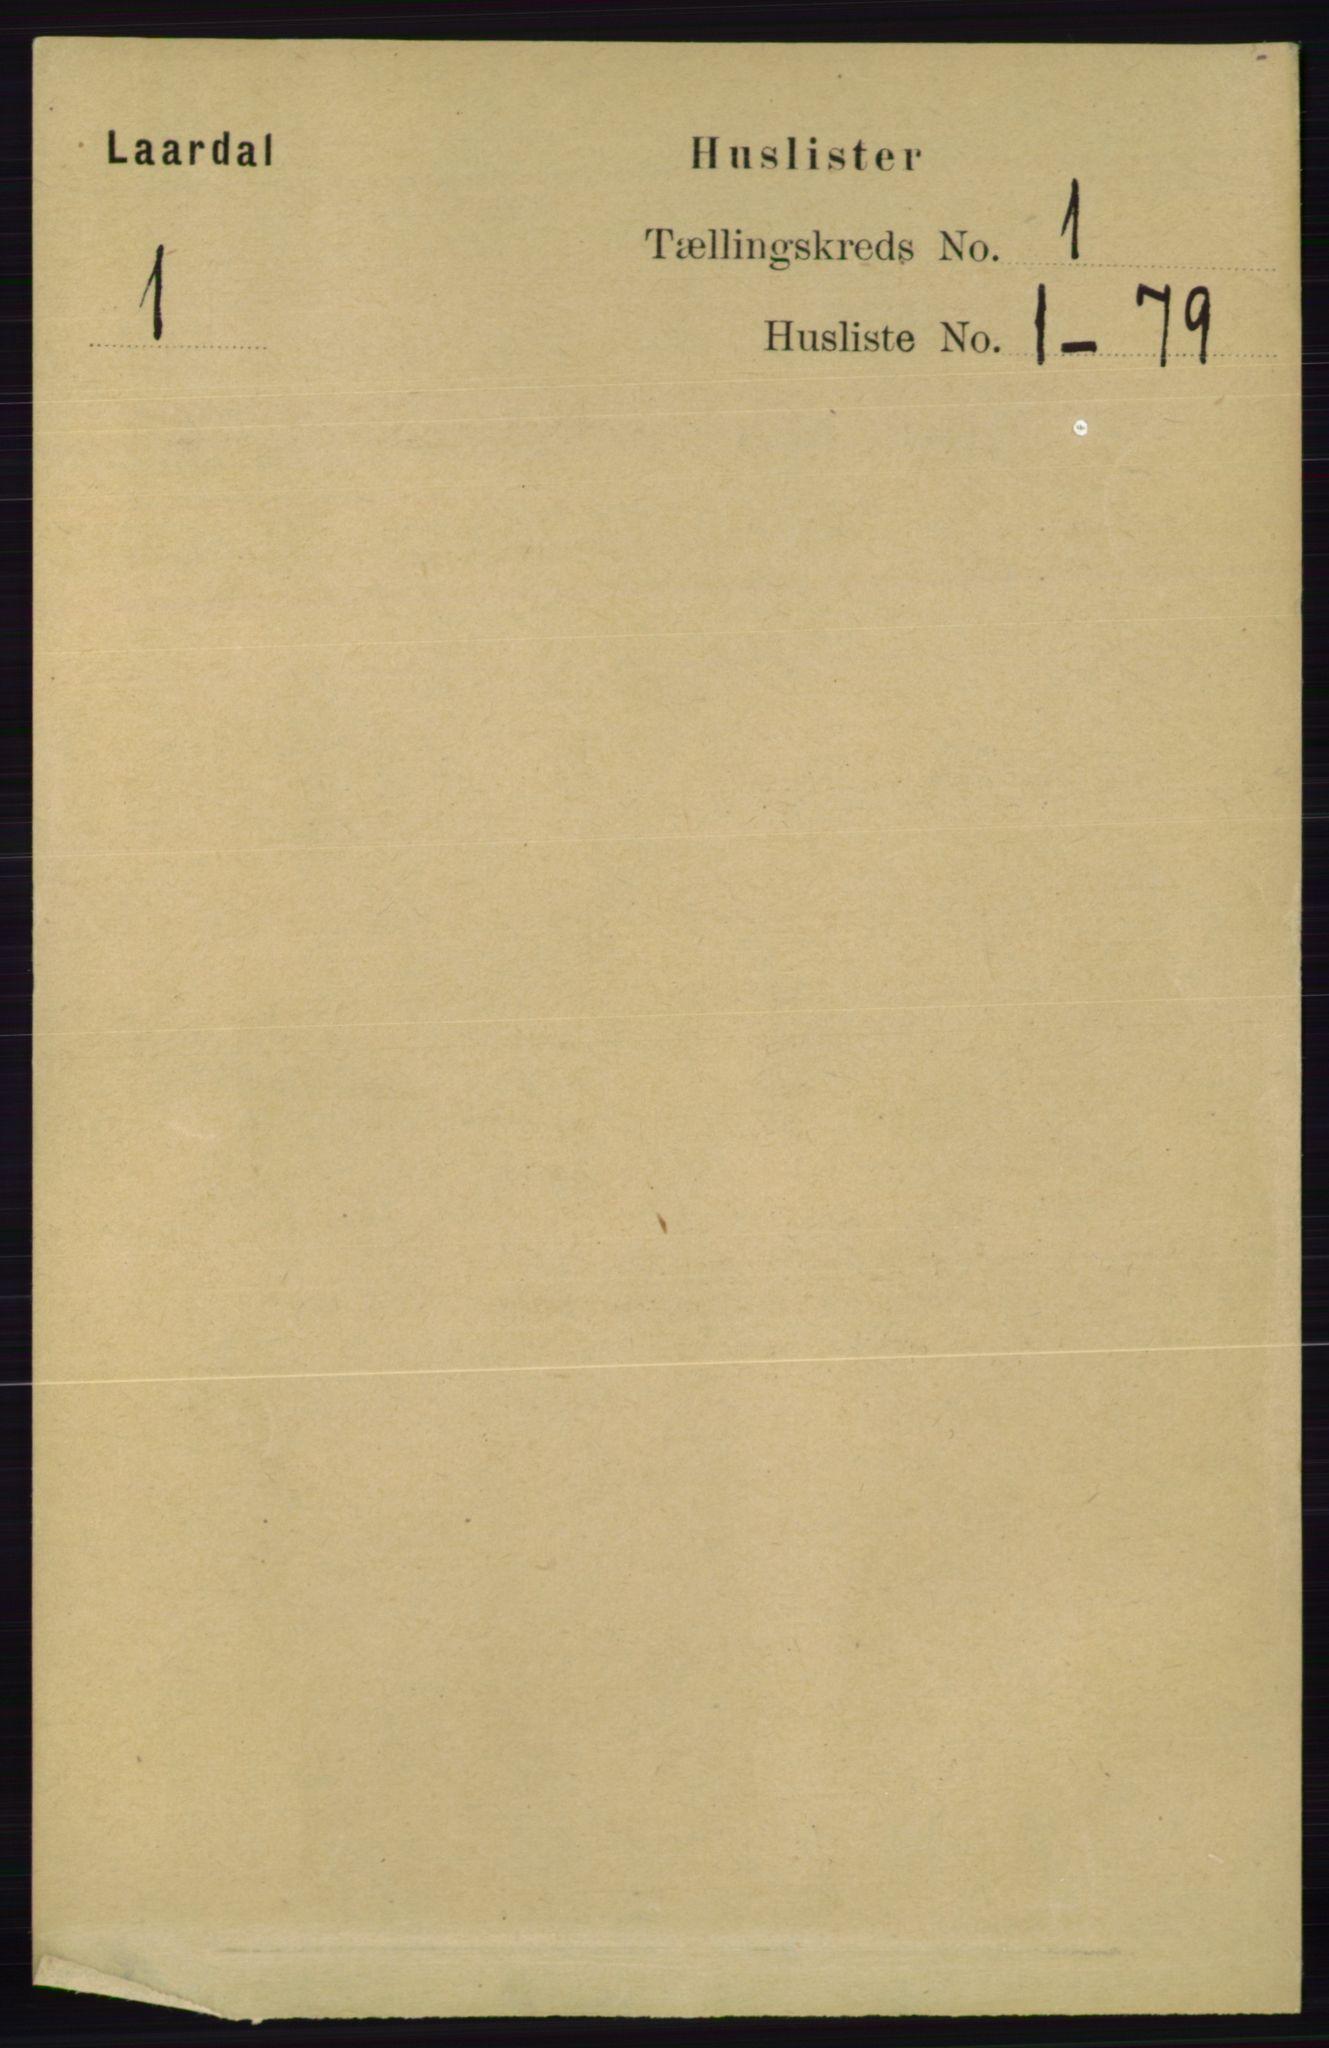 RA, Folketelling 1891 for 0833 Lårdal herred, 1891, s. 17